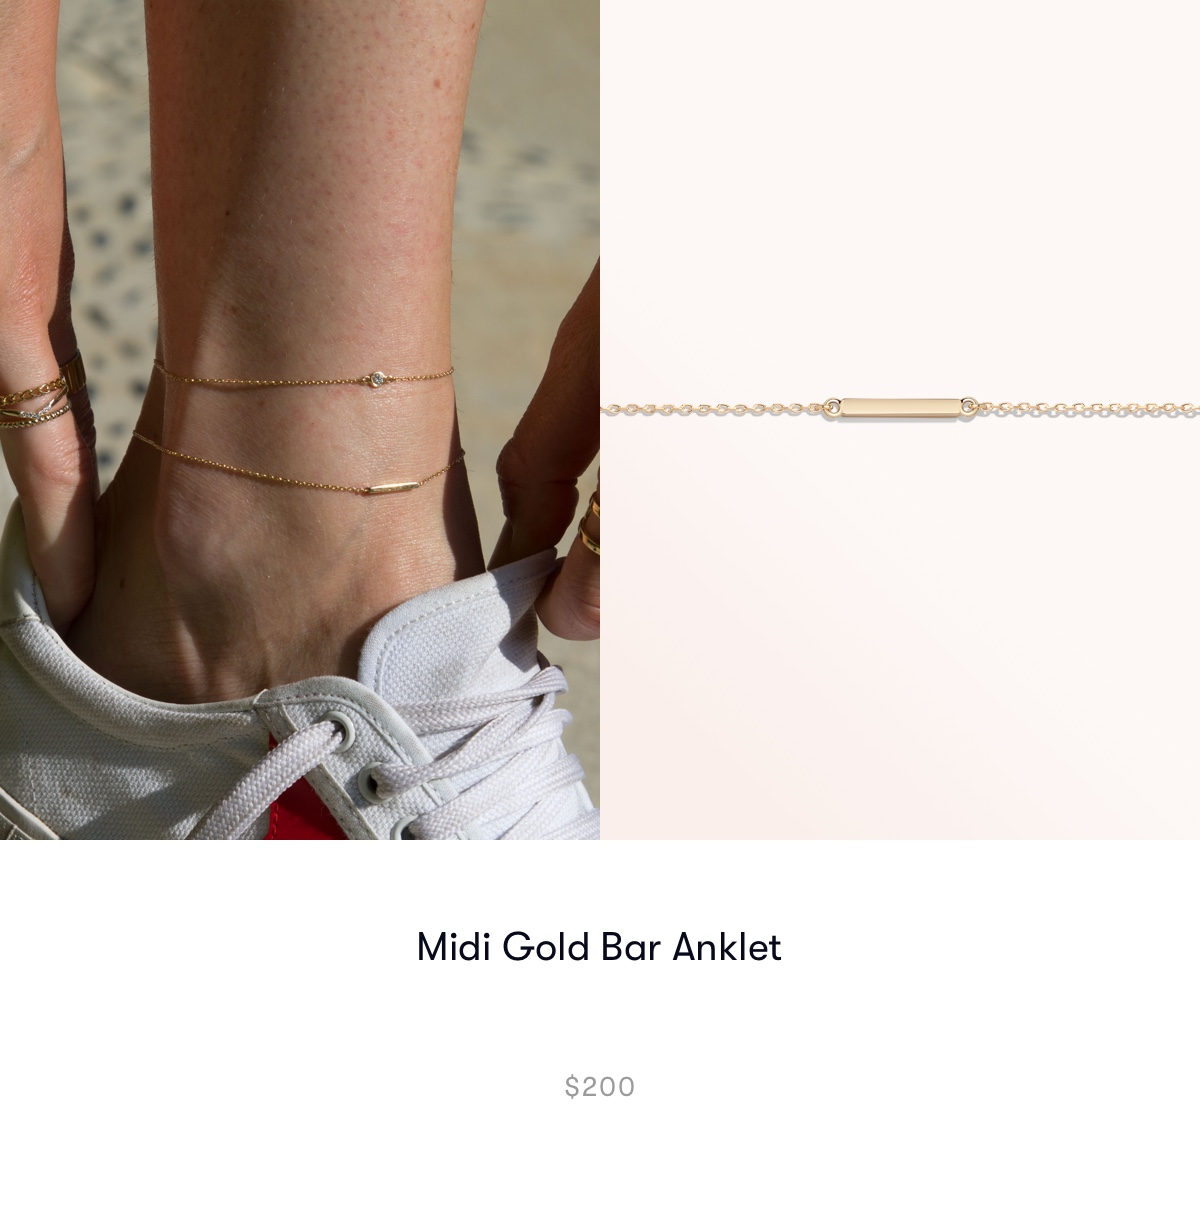 Midi Gold Bar Anklet